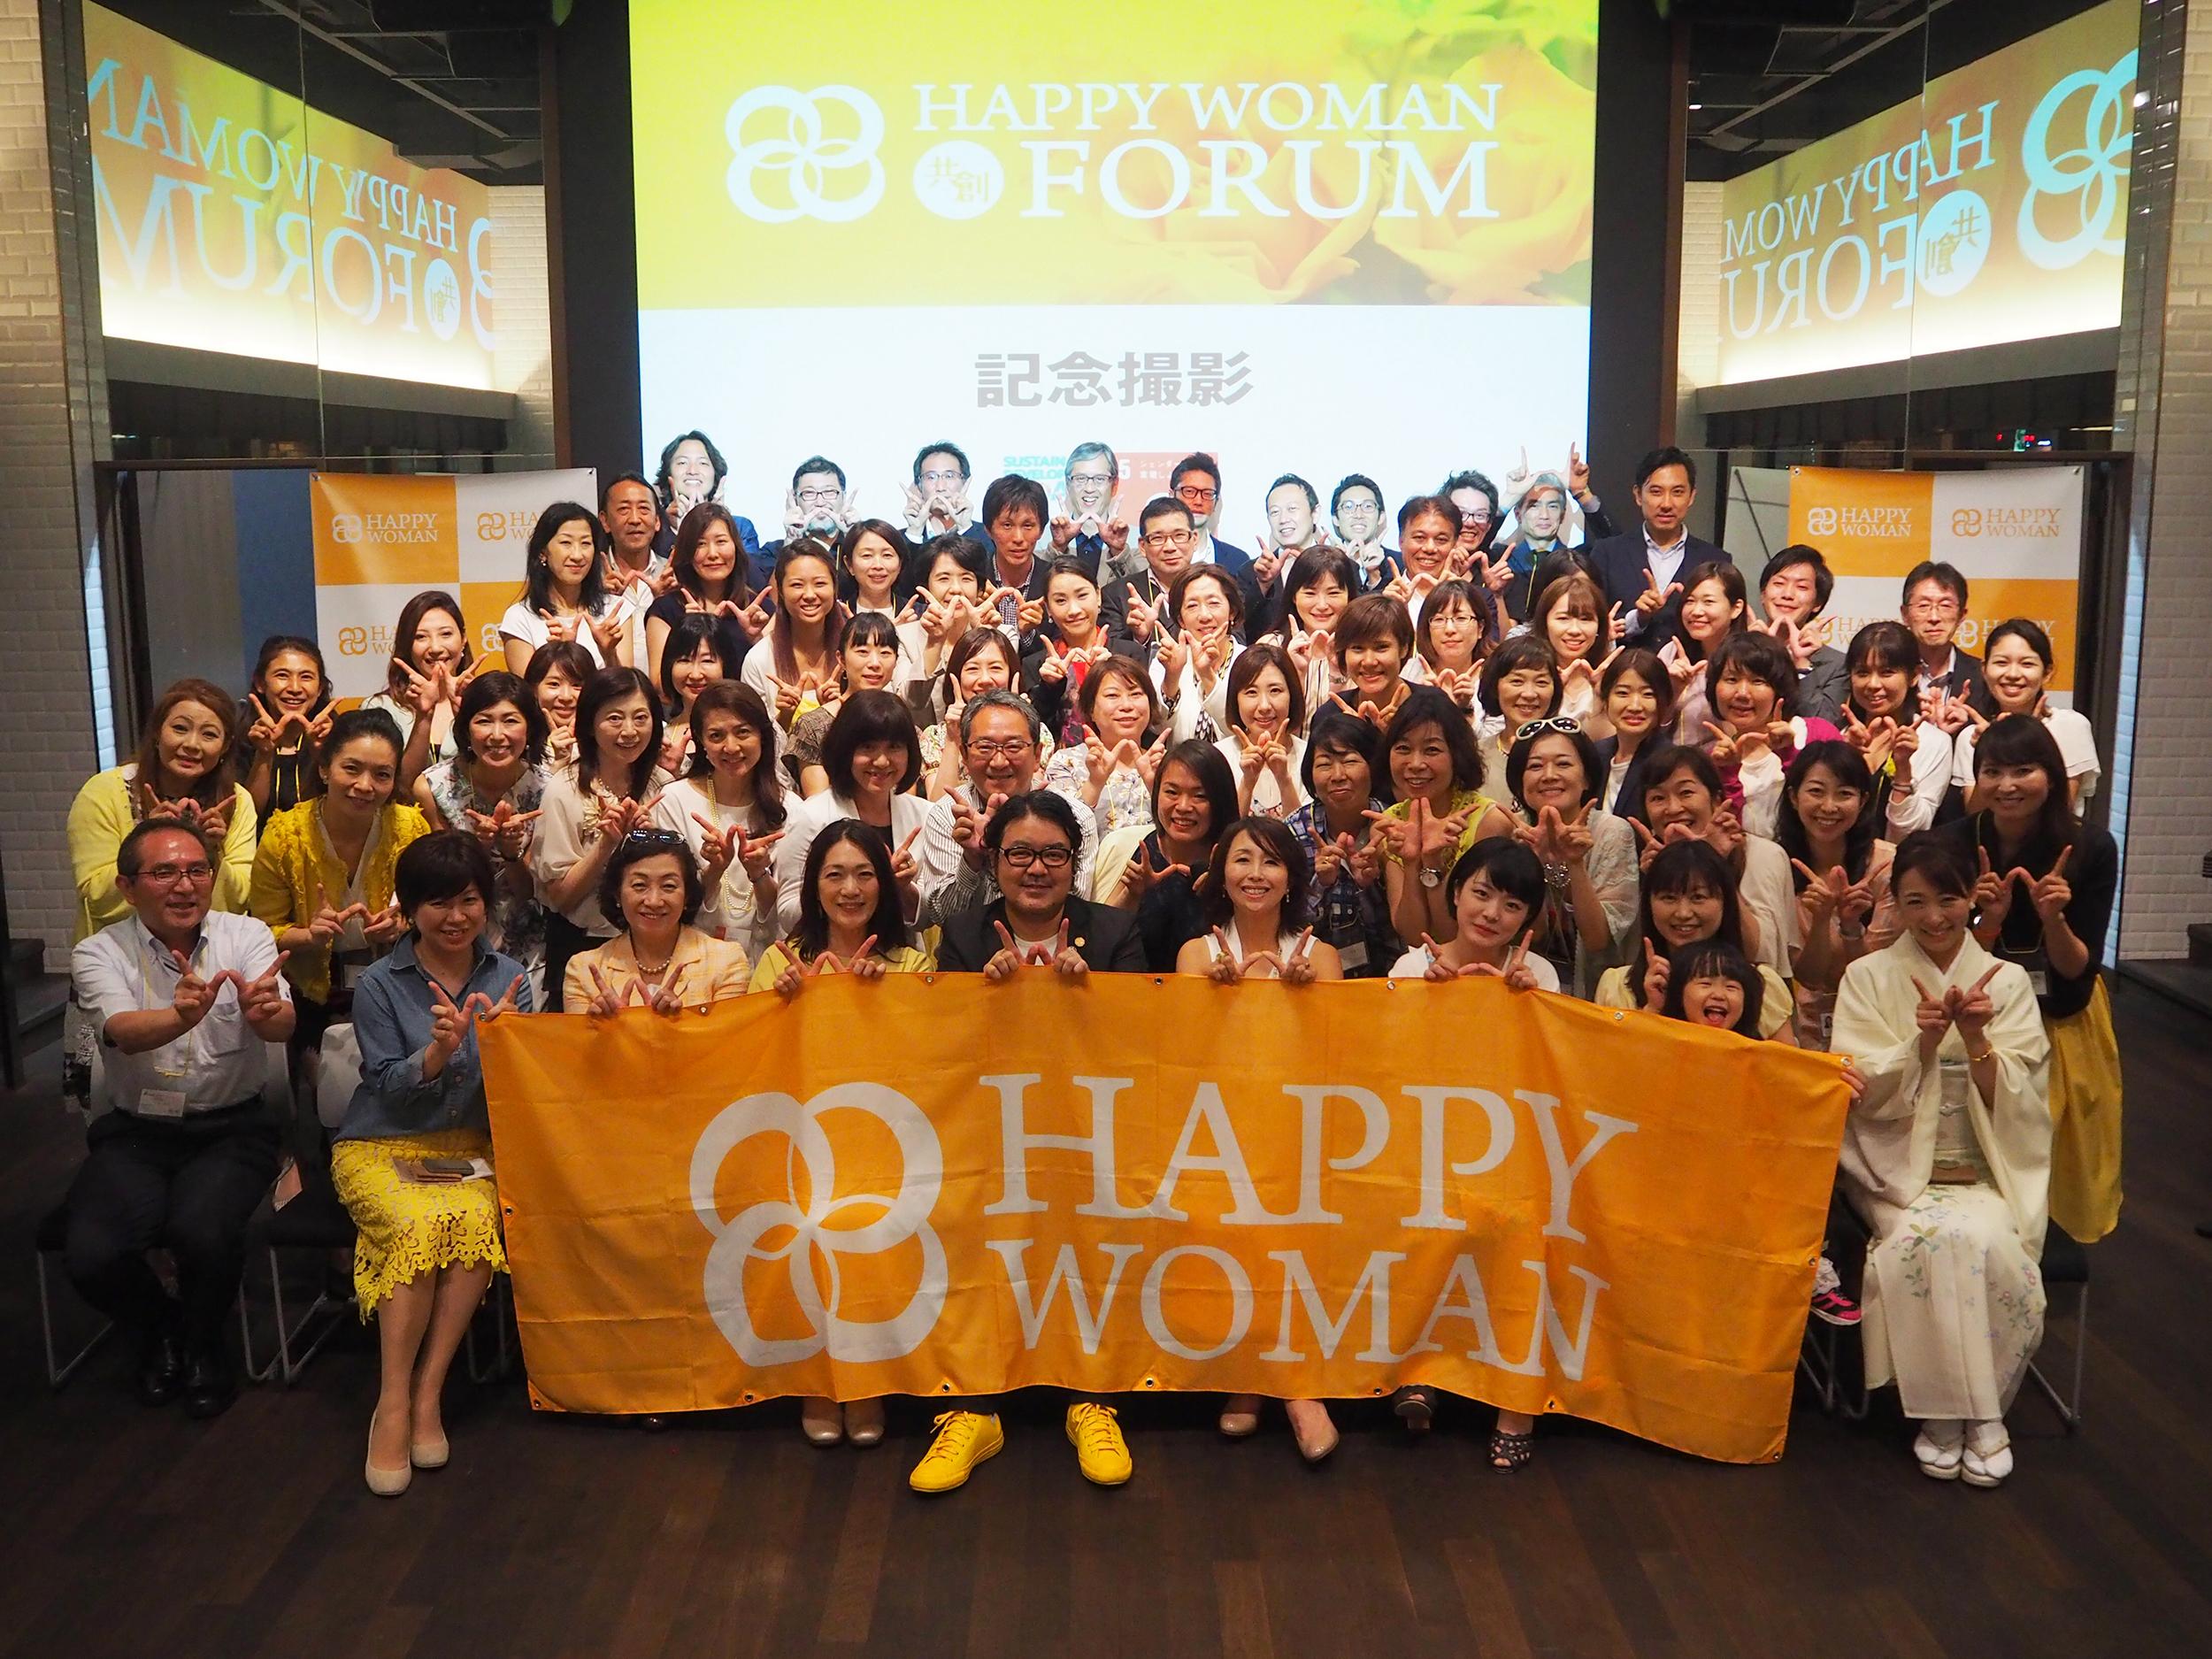 【開催レポート】HAPPY WOMAN 共創フォーラム